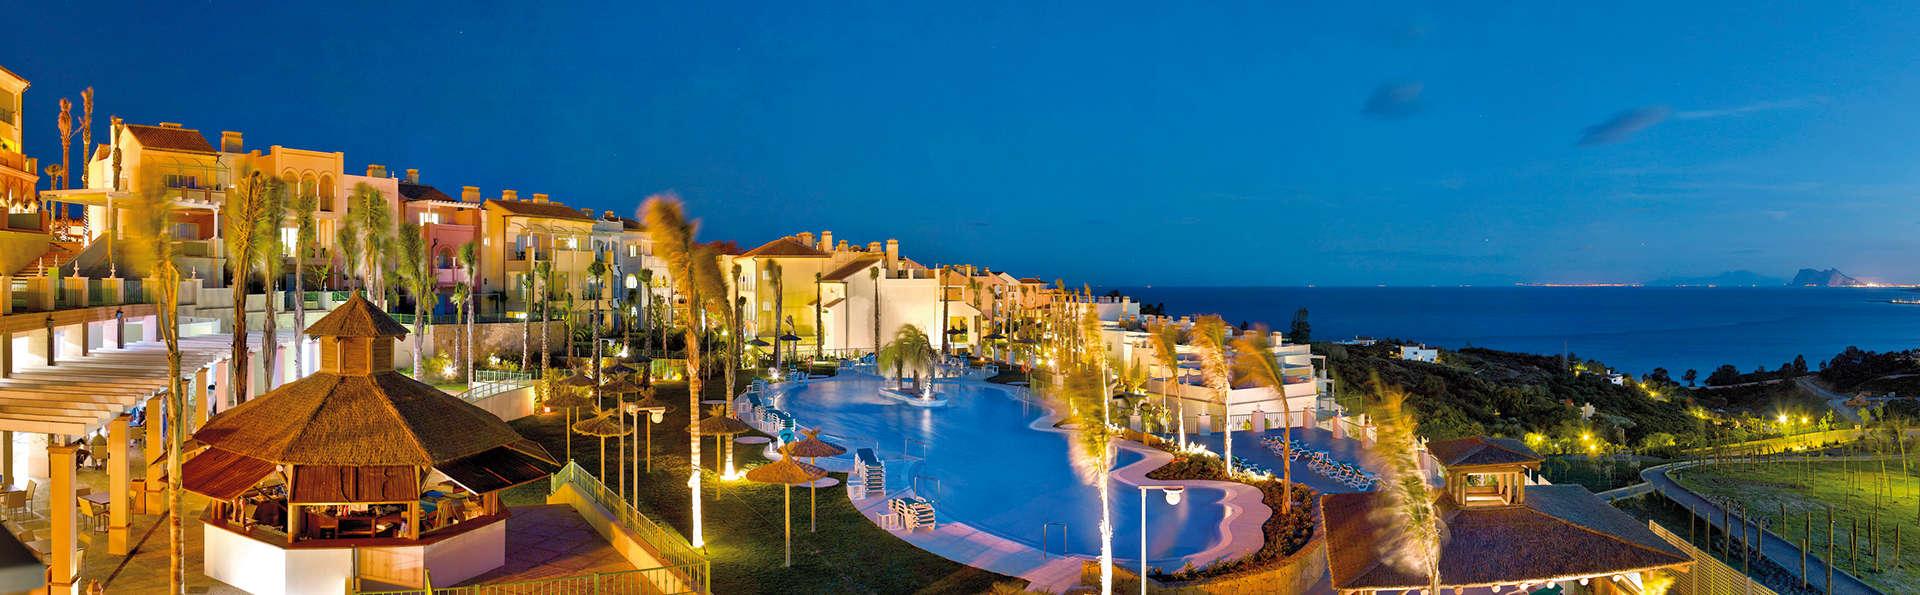 Découvrez la Costa del Sol dans un resort en demi-pension (à partir de 2 nuits)